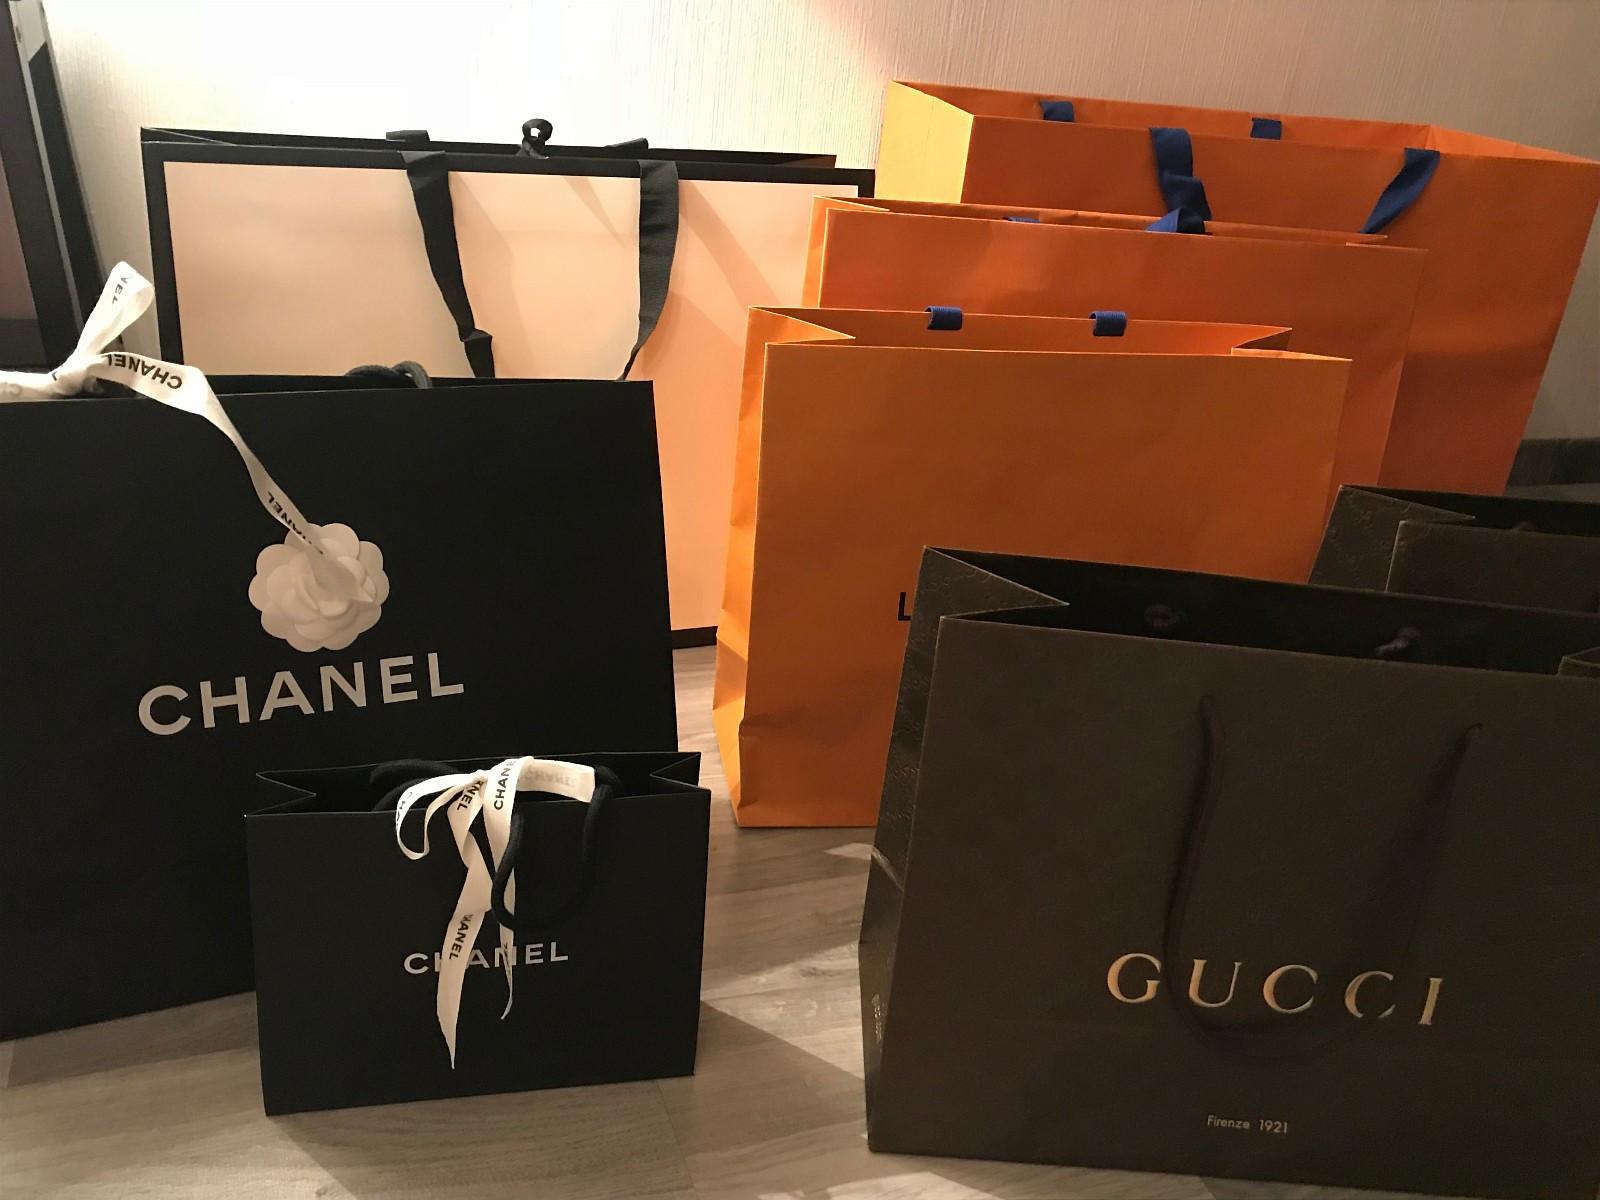 Designer bærepose, Chanel, Gucci, Louis Vuitton - Oslo  - Designer poser til salgs!   Chanel stor 300kr og liten 200kr Louis Vuitton stor 300, medium 200kr og liten 100kr Gucci (brun) medium 200kr  Gucci (sort-hvit) stor 300kr   Kjøper du fler blir  - Oslo